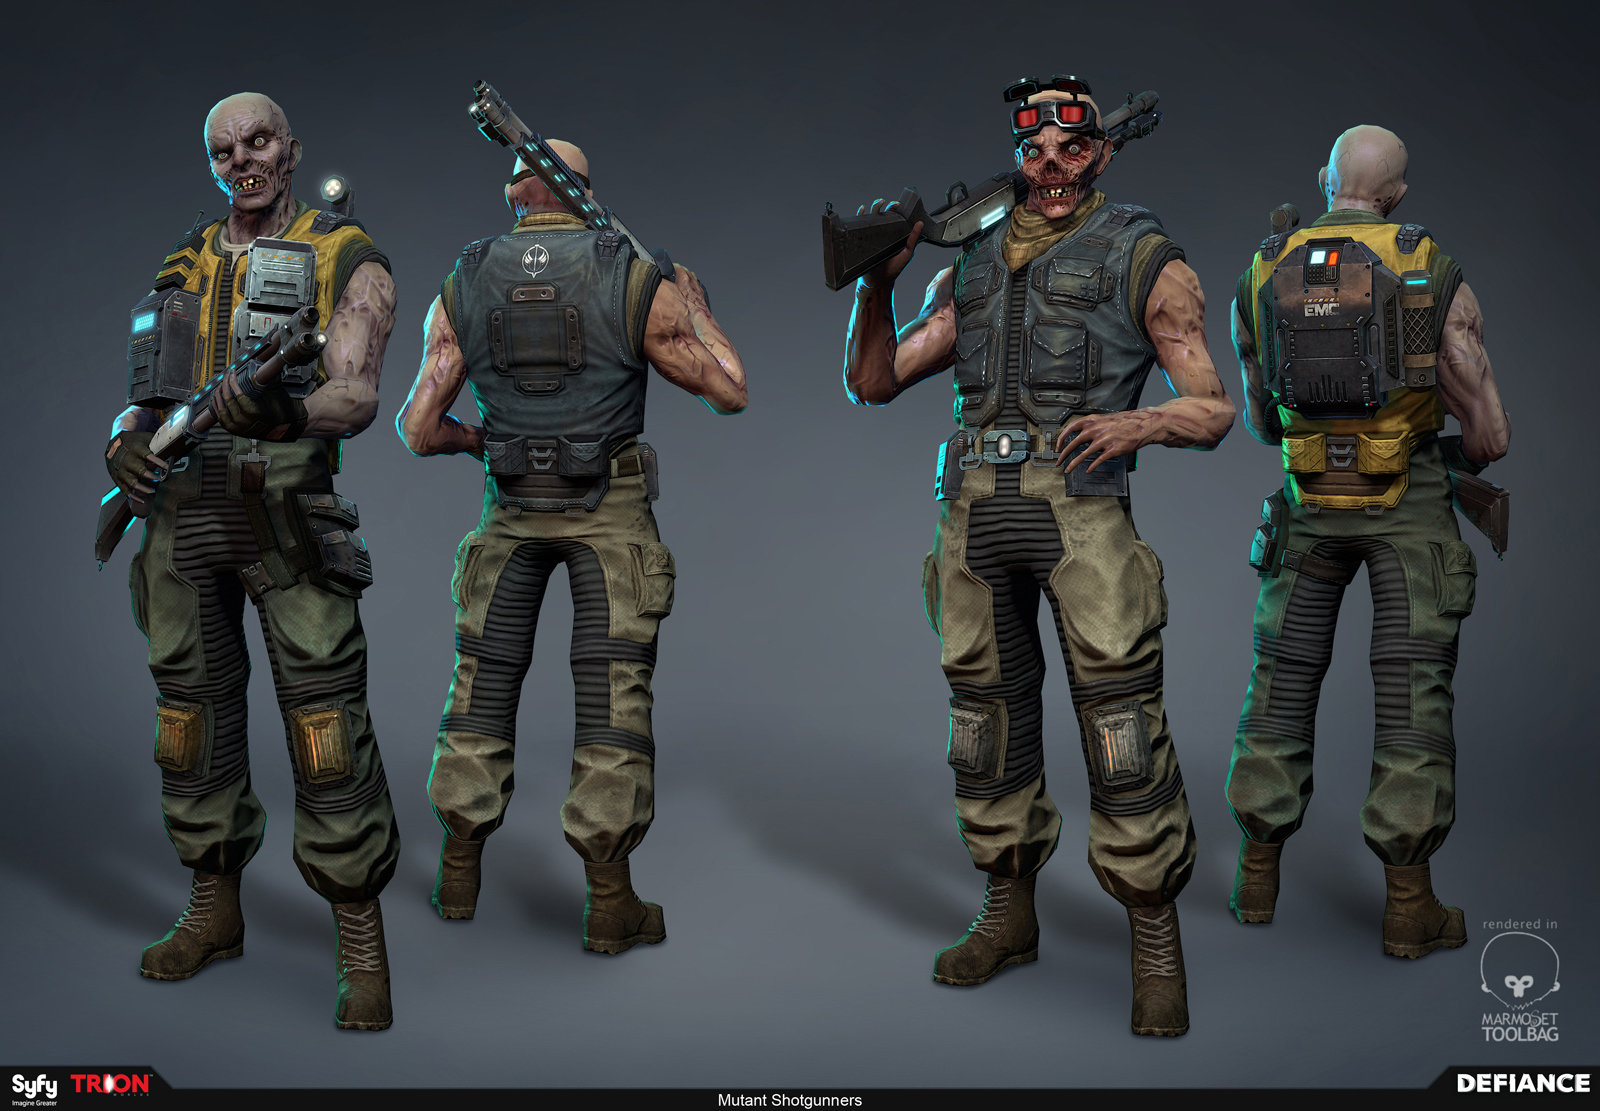 Defiance - Mutant Shotgunner